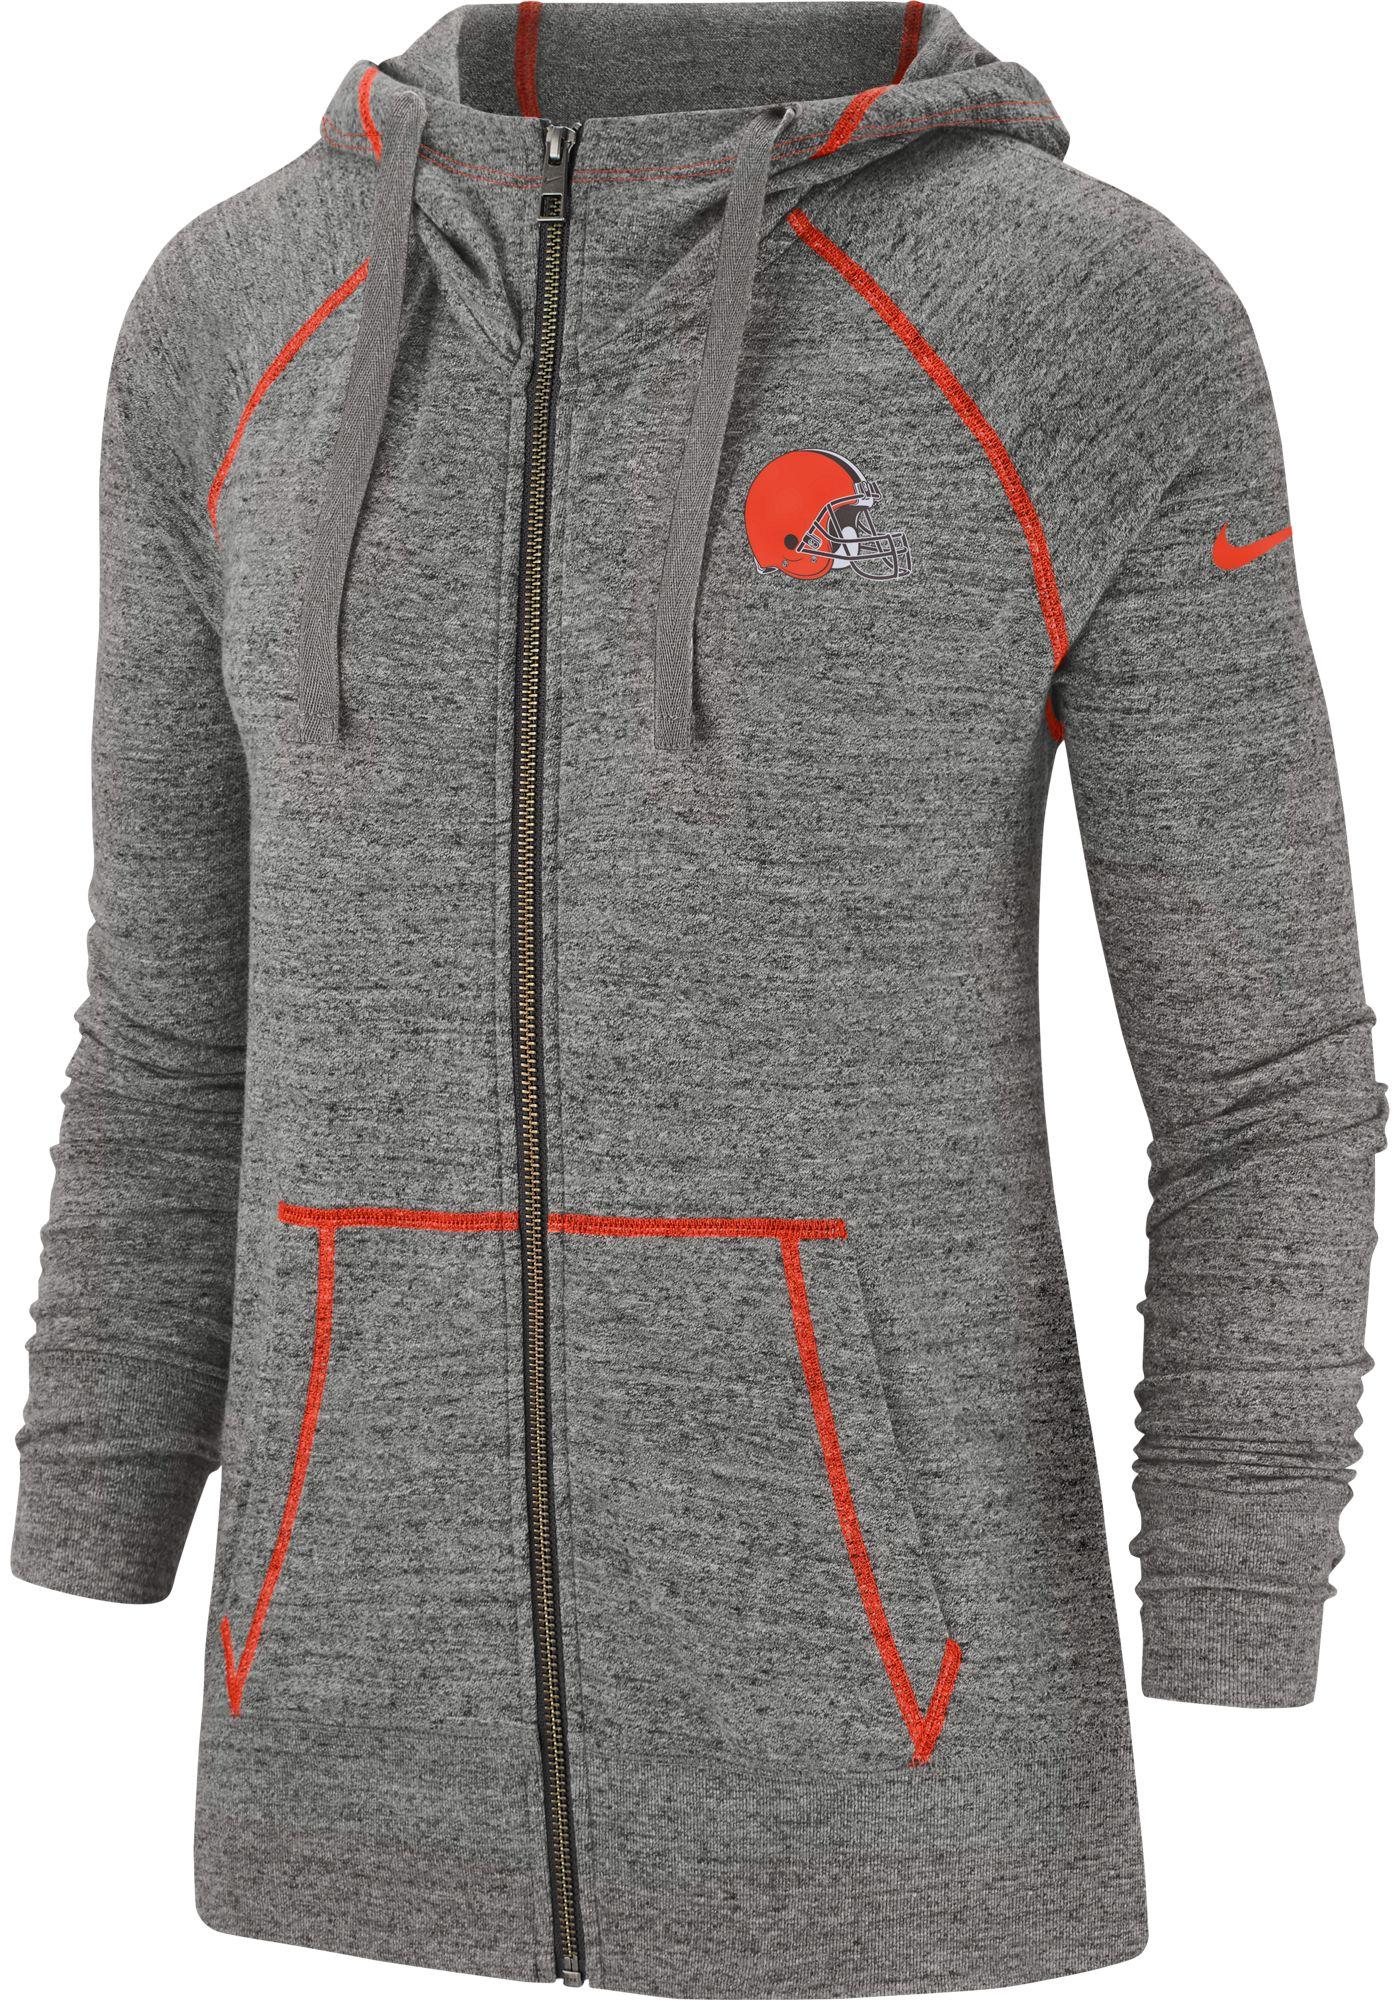 Nike Women's Cleveland Browns Vintage Grey Full-Zip Hoodie